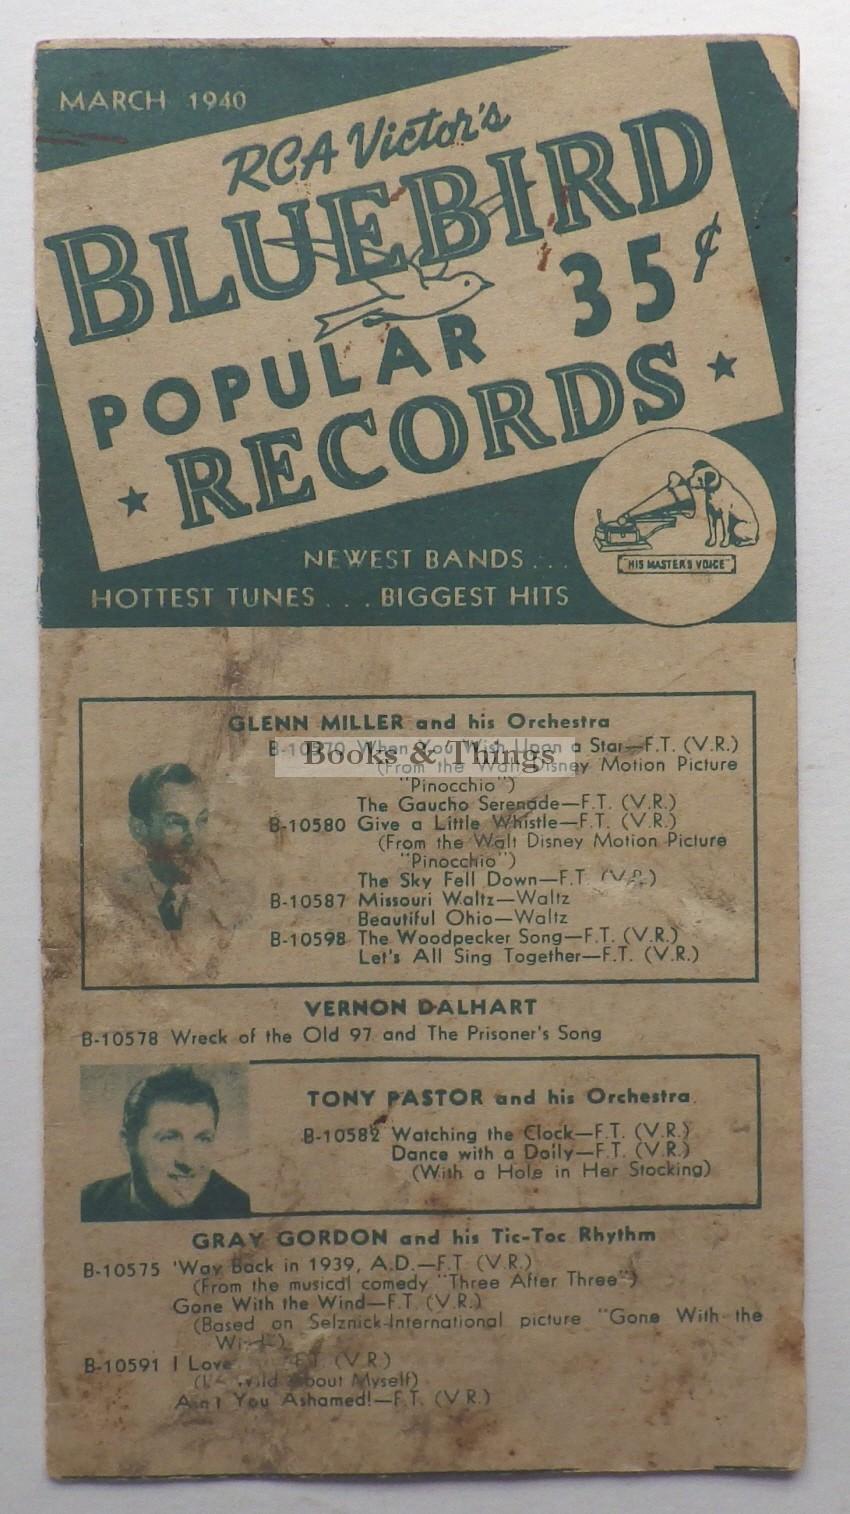 Bluebird records catalogue